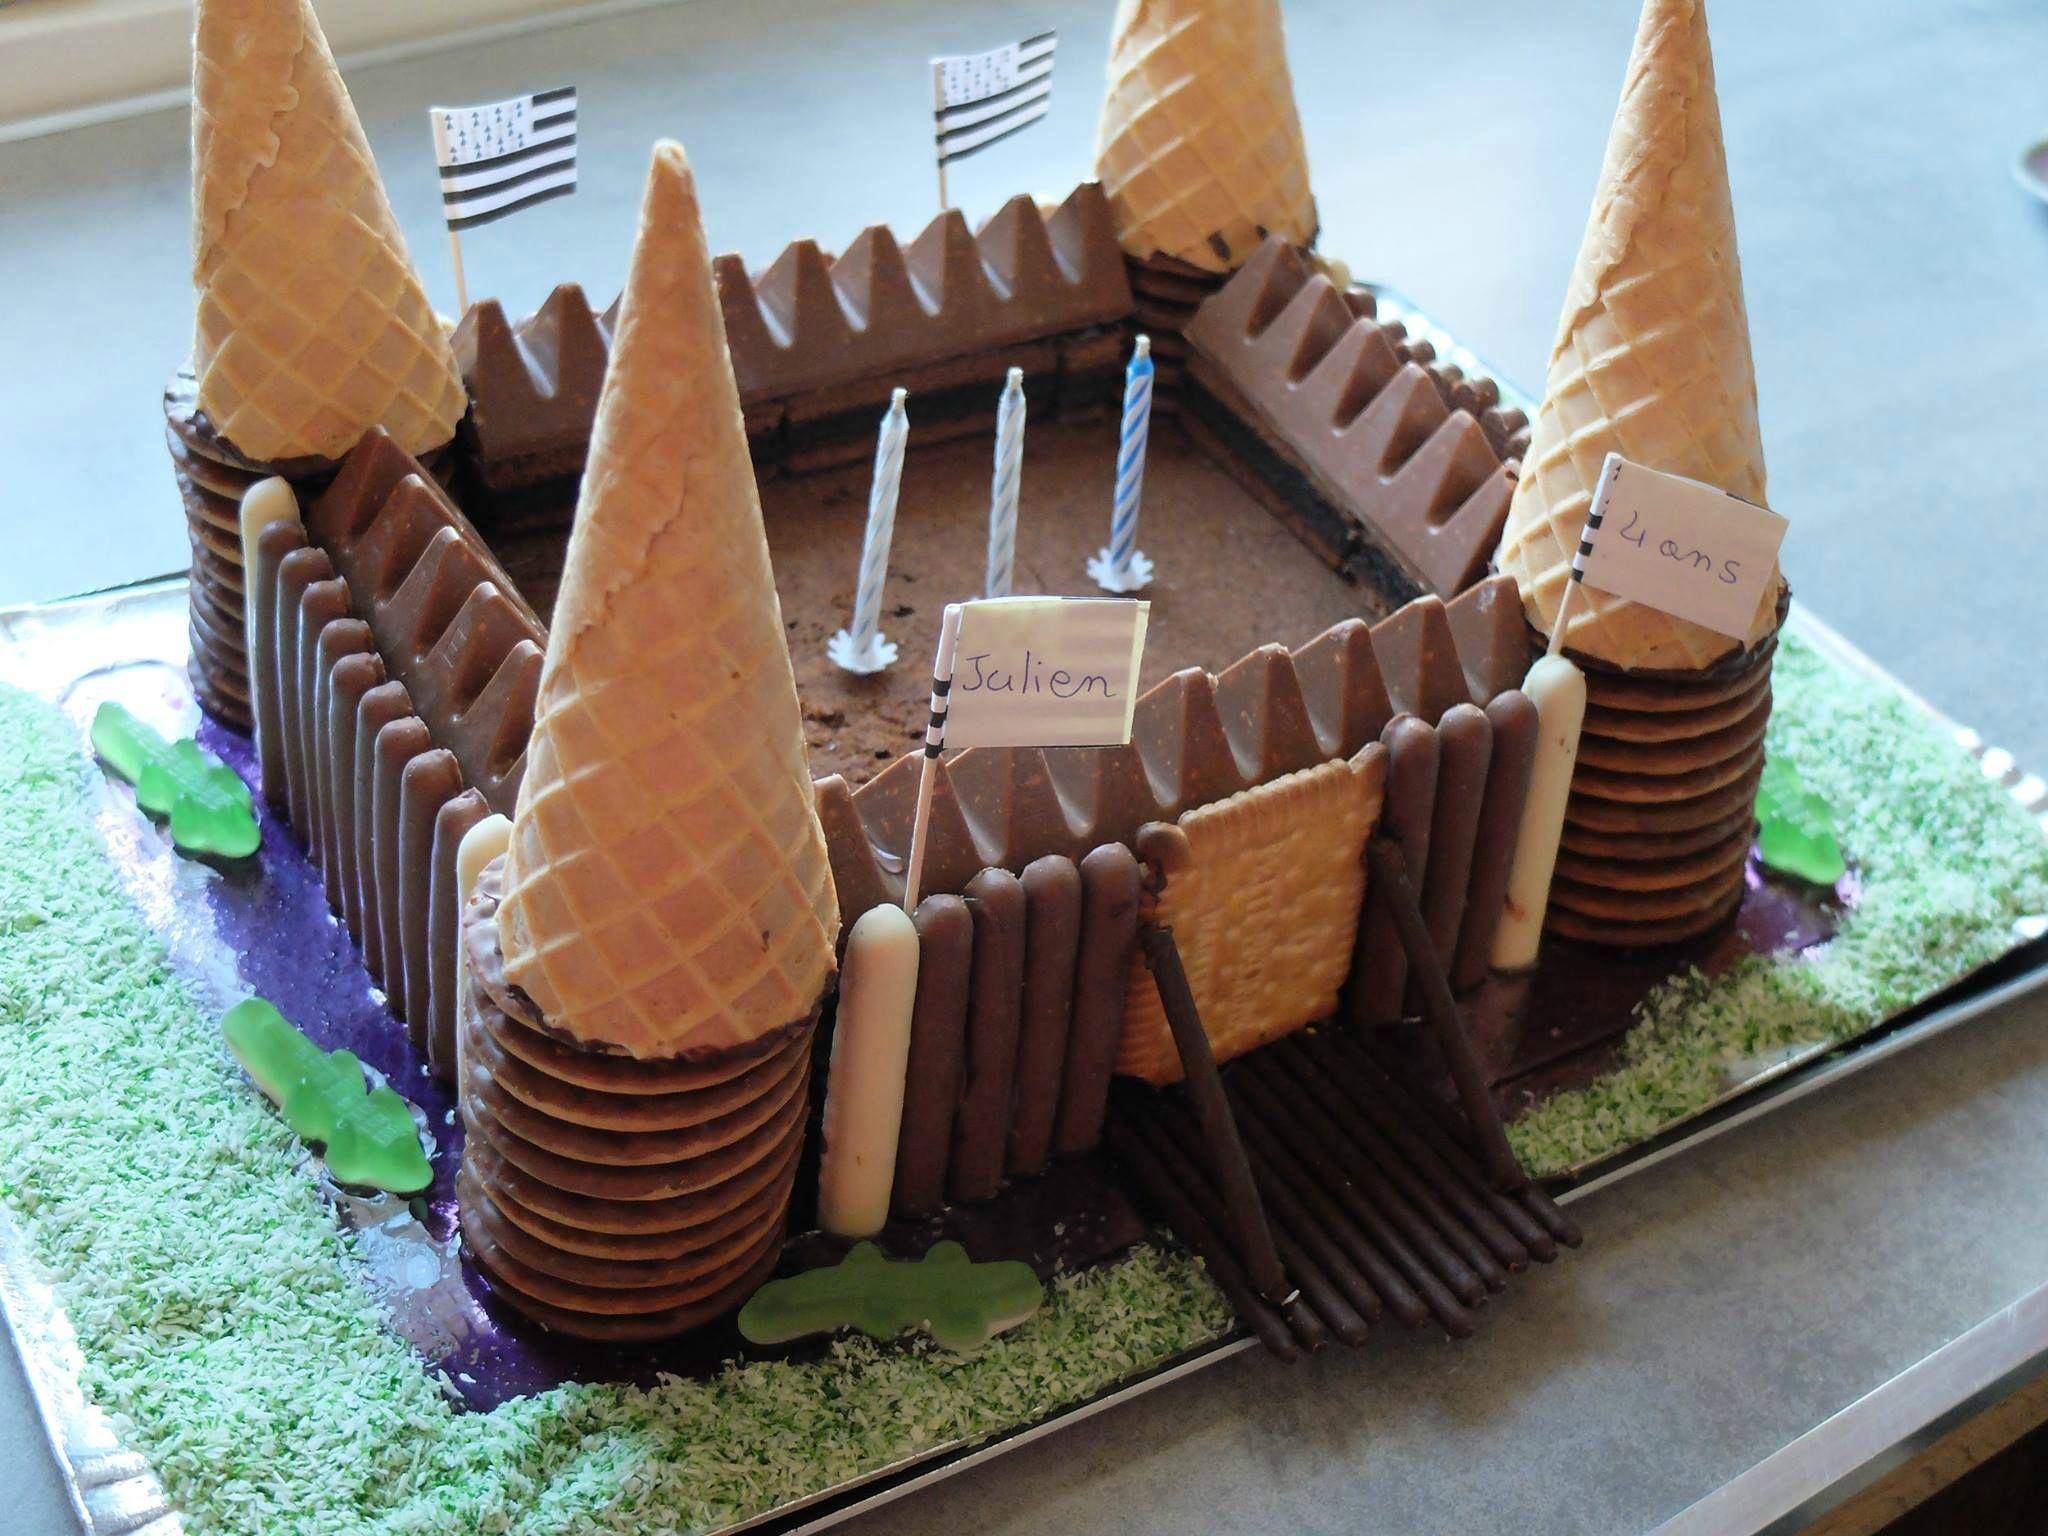 Gateau Anniversaire Chateau Fort.Gateau D Anniversaire Au Chocolat Theme Chateau Fort Et